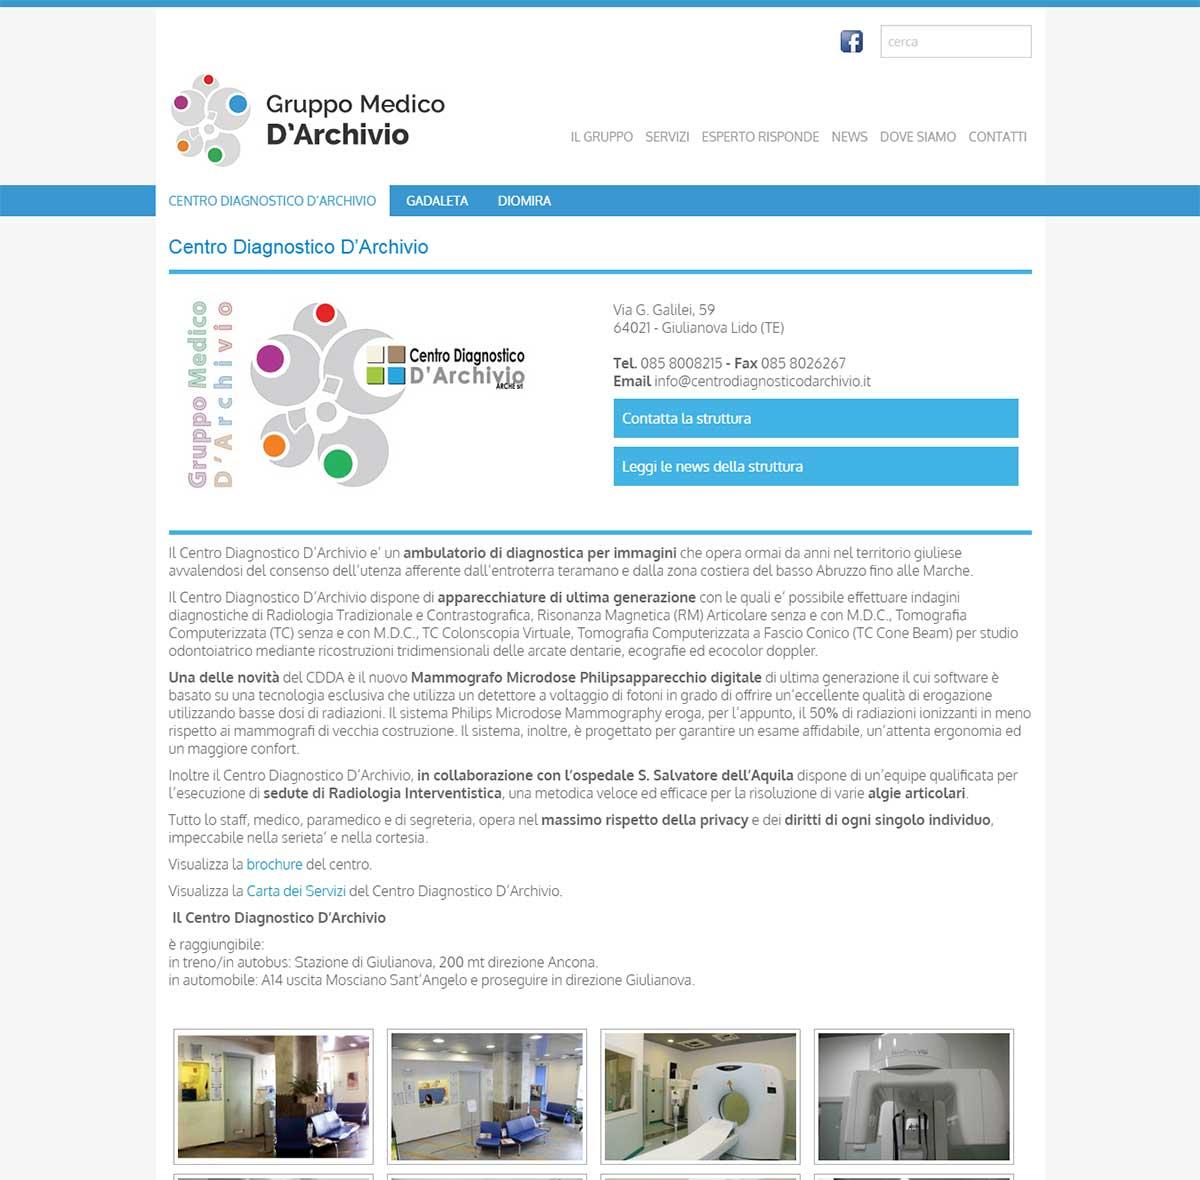 Gruppo Medico D'Archivio